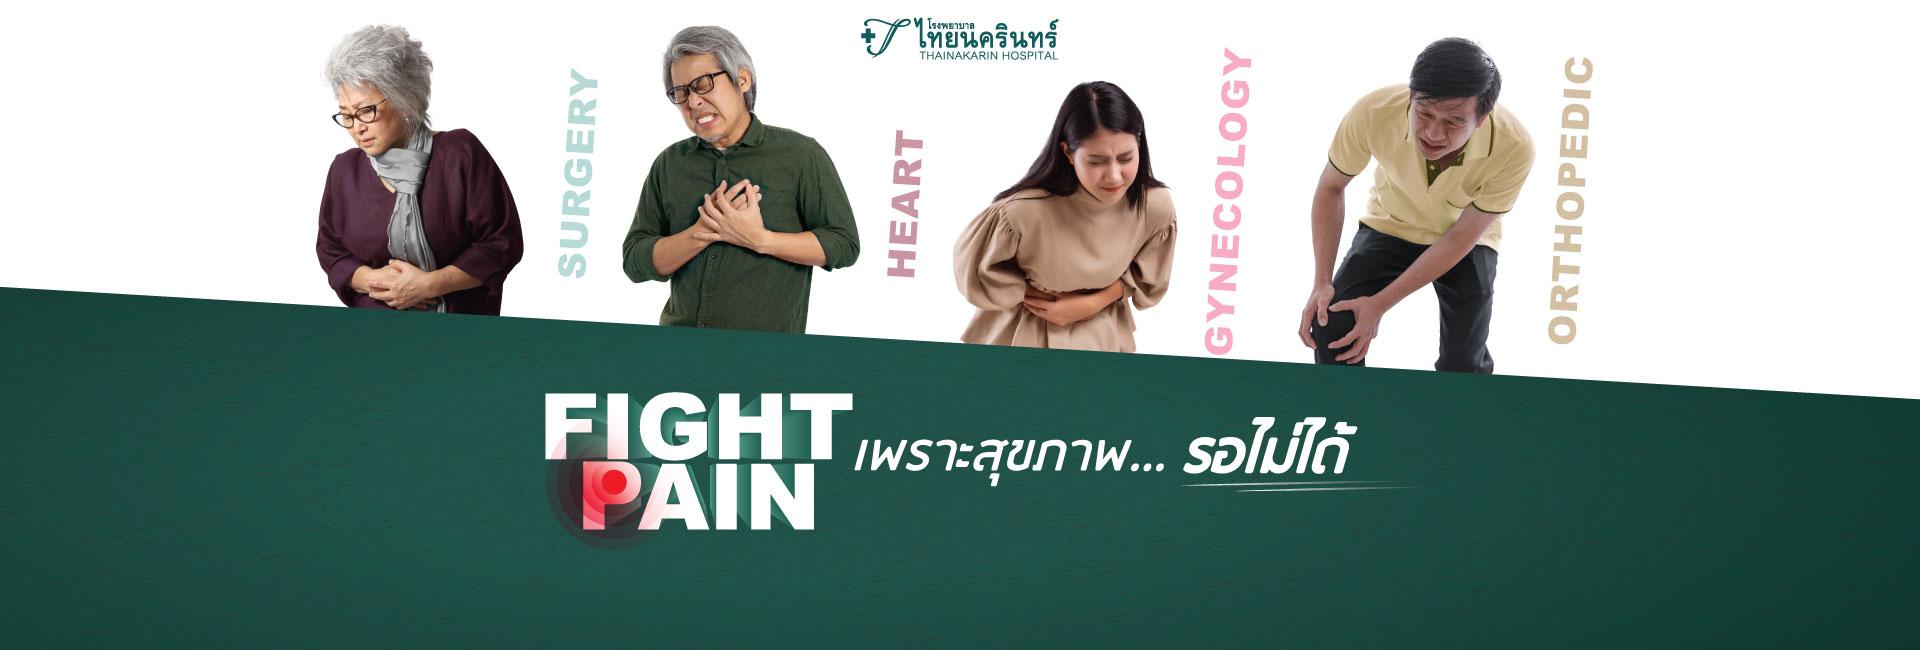 fIGHT_PAIN_Slide Banner(web)